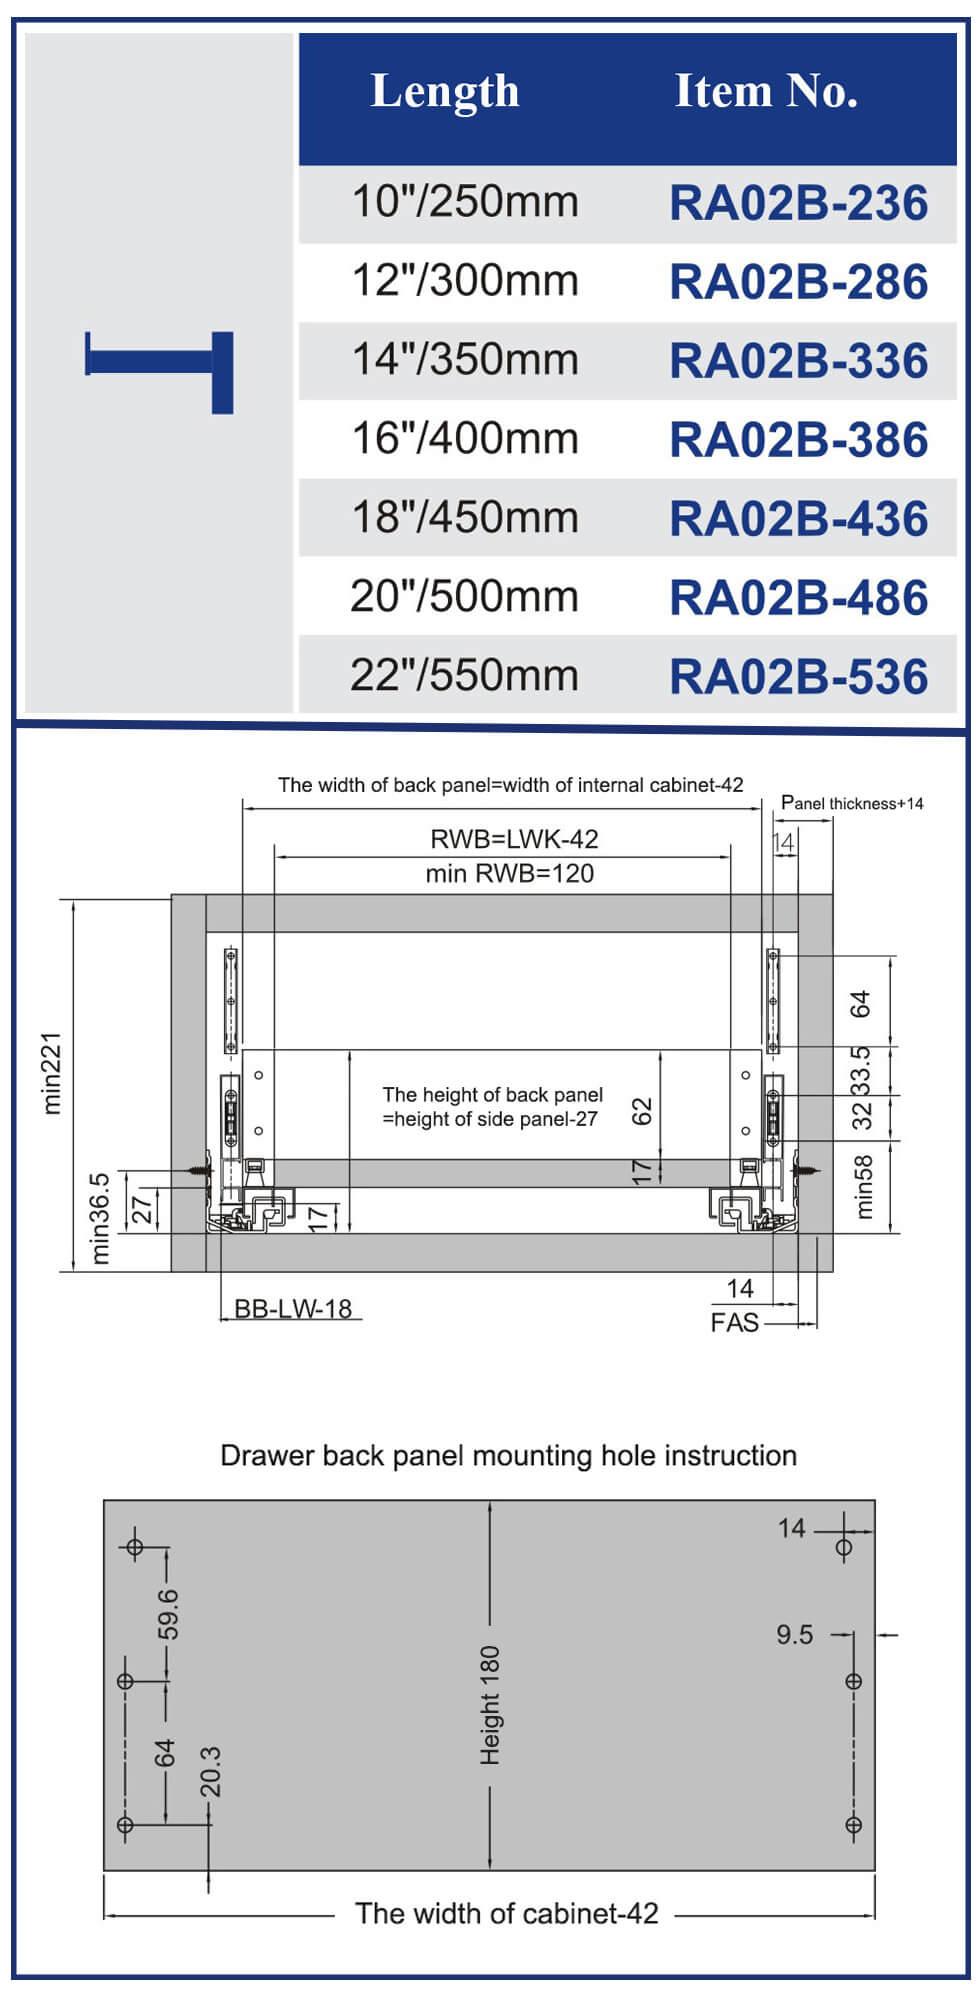 RA02B